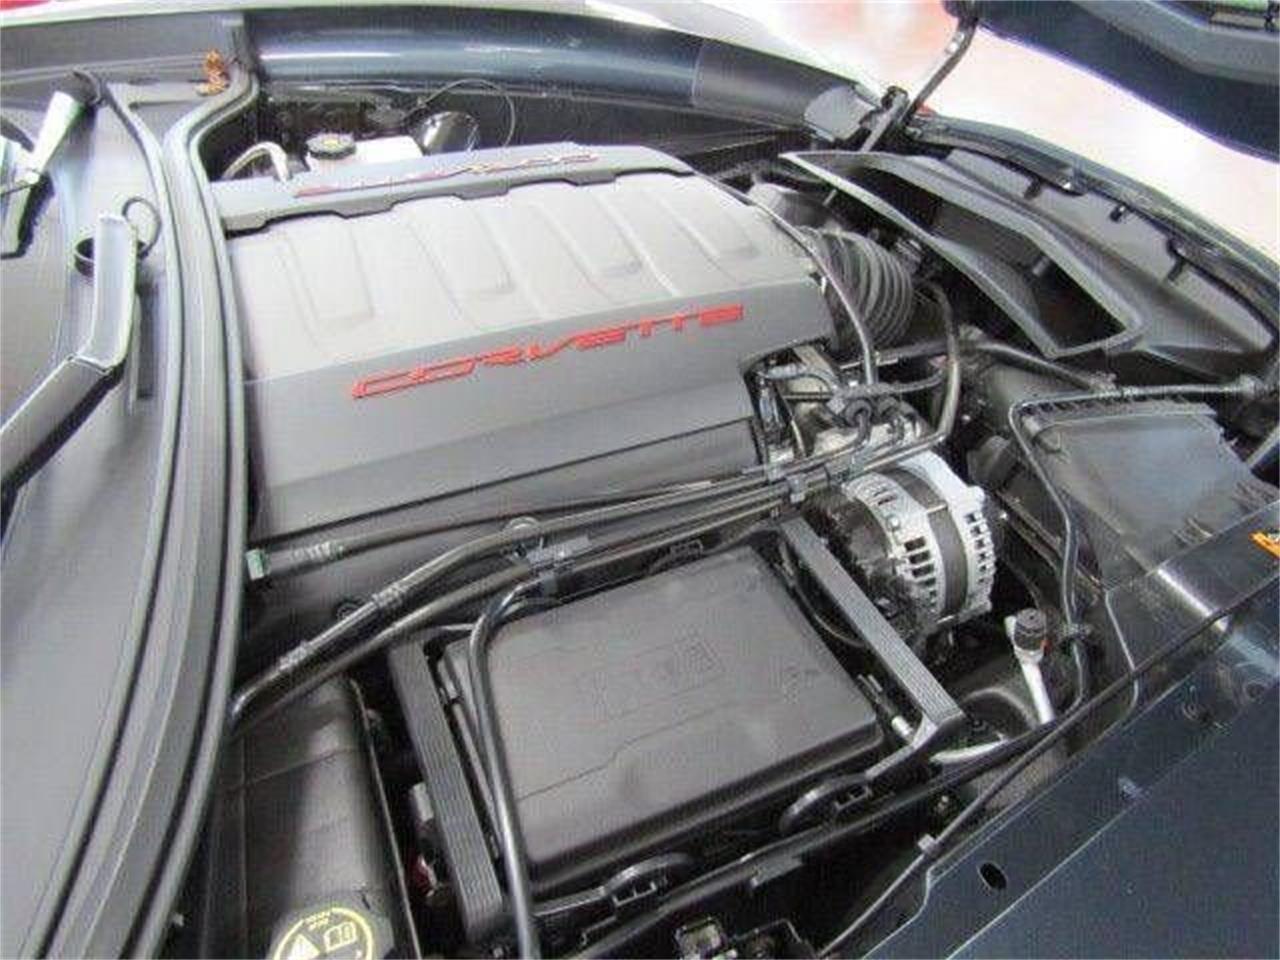 2019 Chevrolet Corvette (CC-1321584) for sale in Greensboro, North Carolina